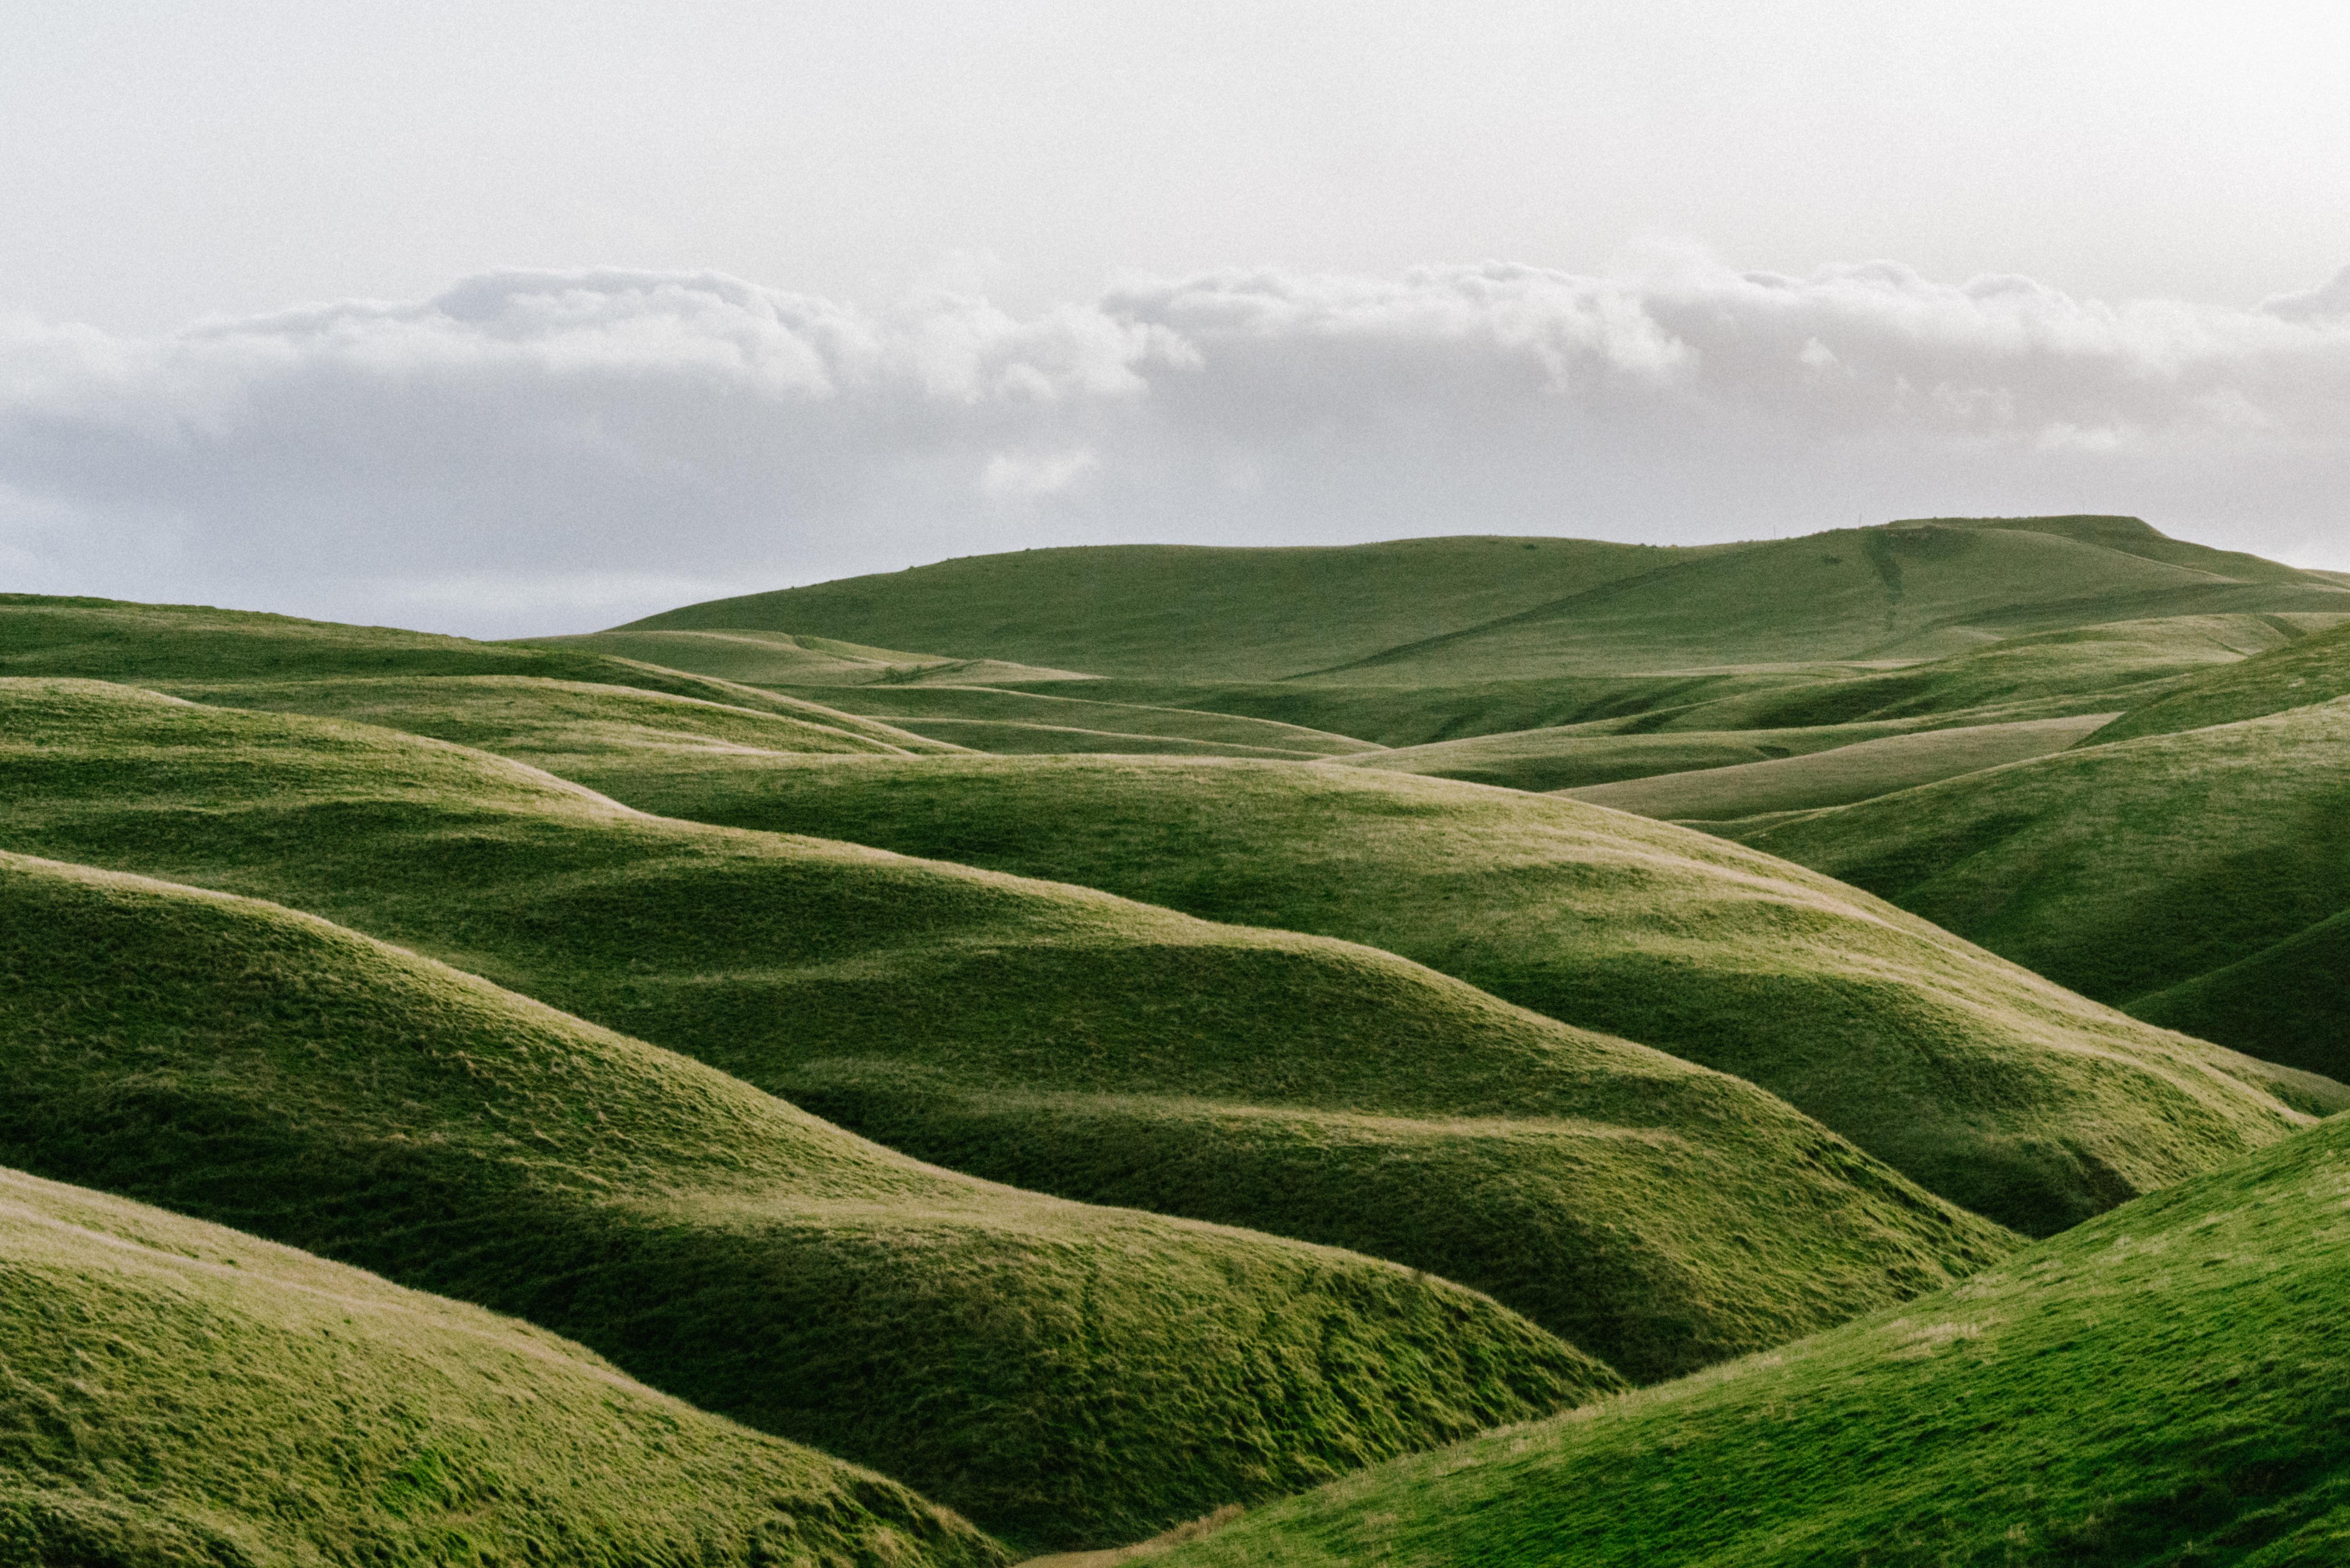 Холмистая долина картинки